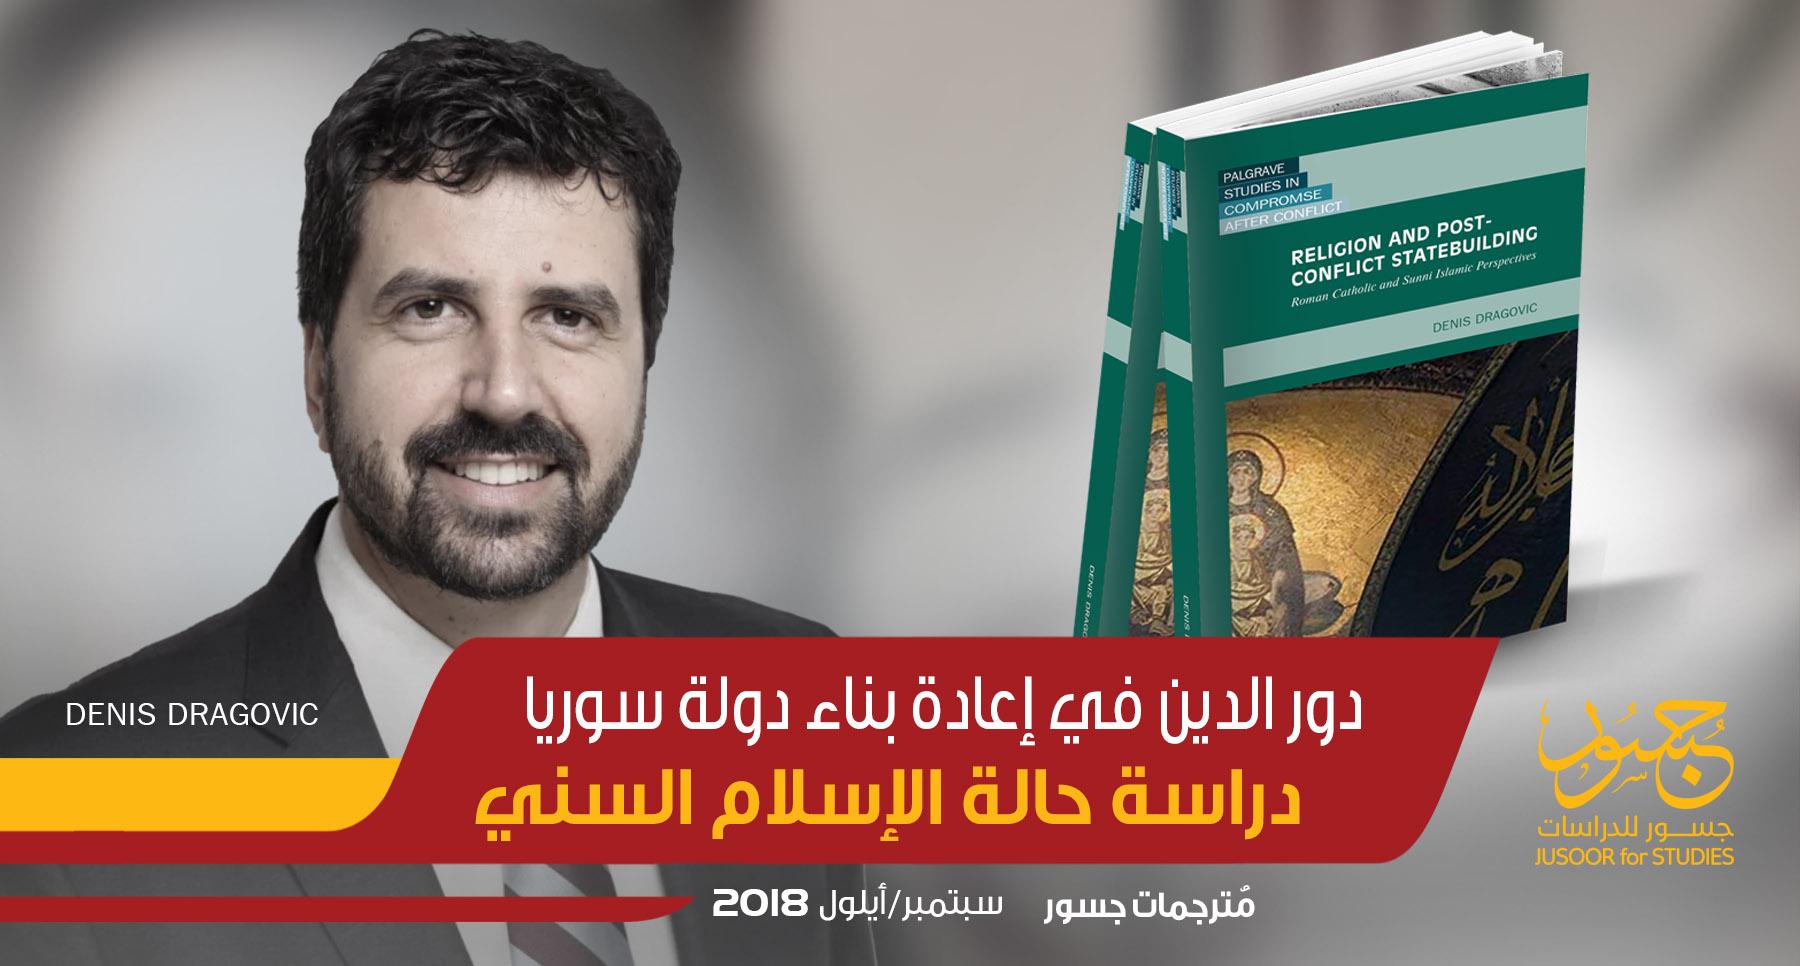 صورة دور الدين في إعادة بناء دولة سوريا: دراسة حالة الإسلام السني